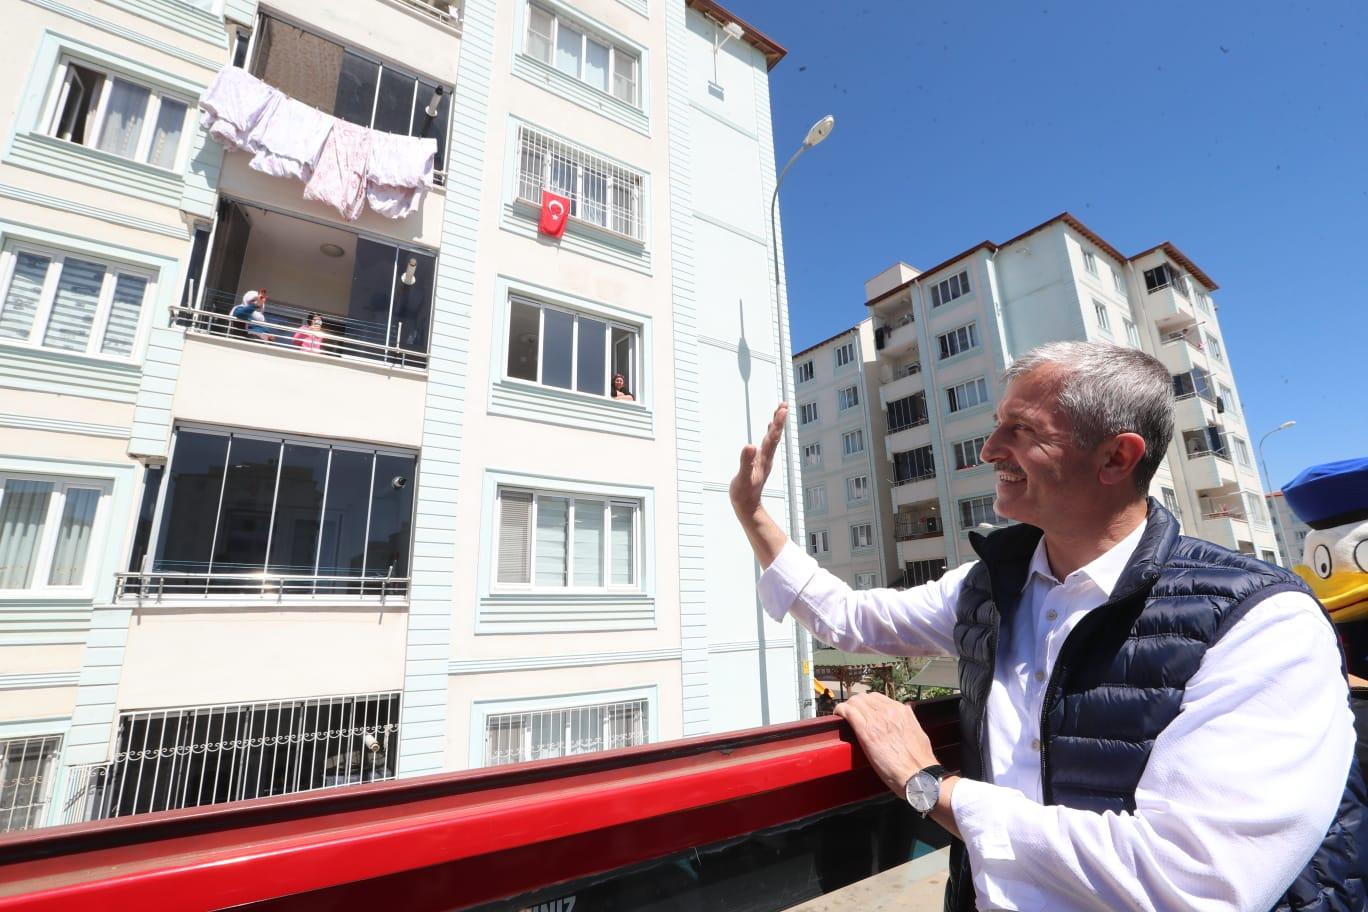 ŞAHİNBEY'İN 23 NİSAN KORTEJİNE BALKONLARDAN HALK COŞKUSU